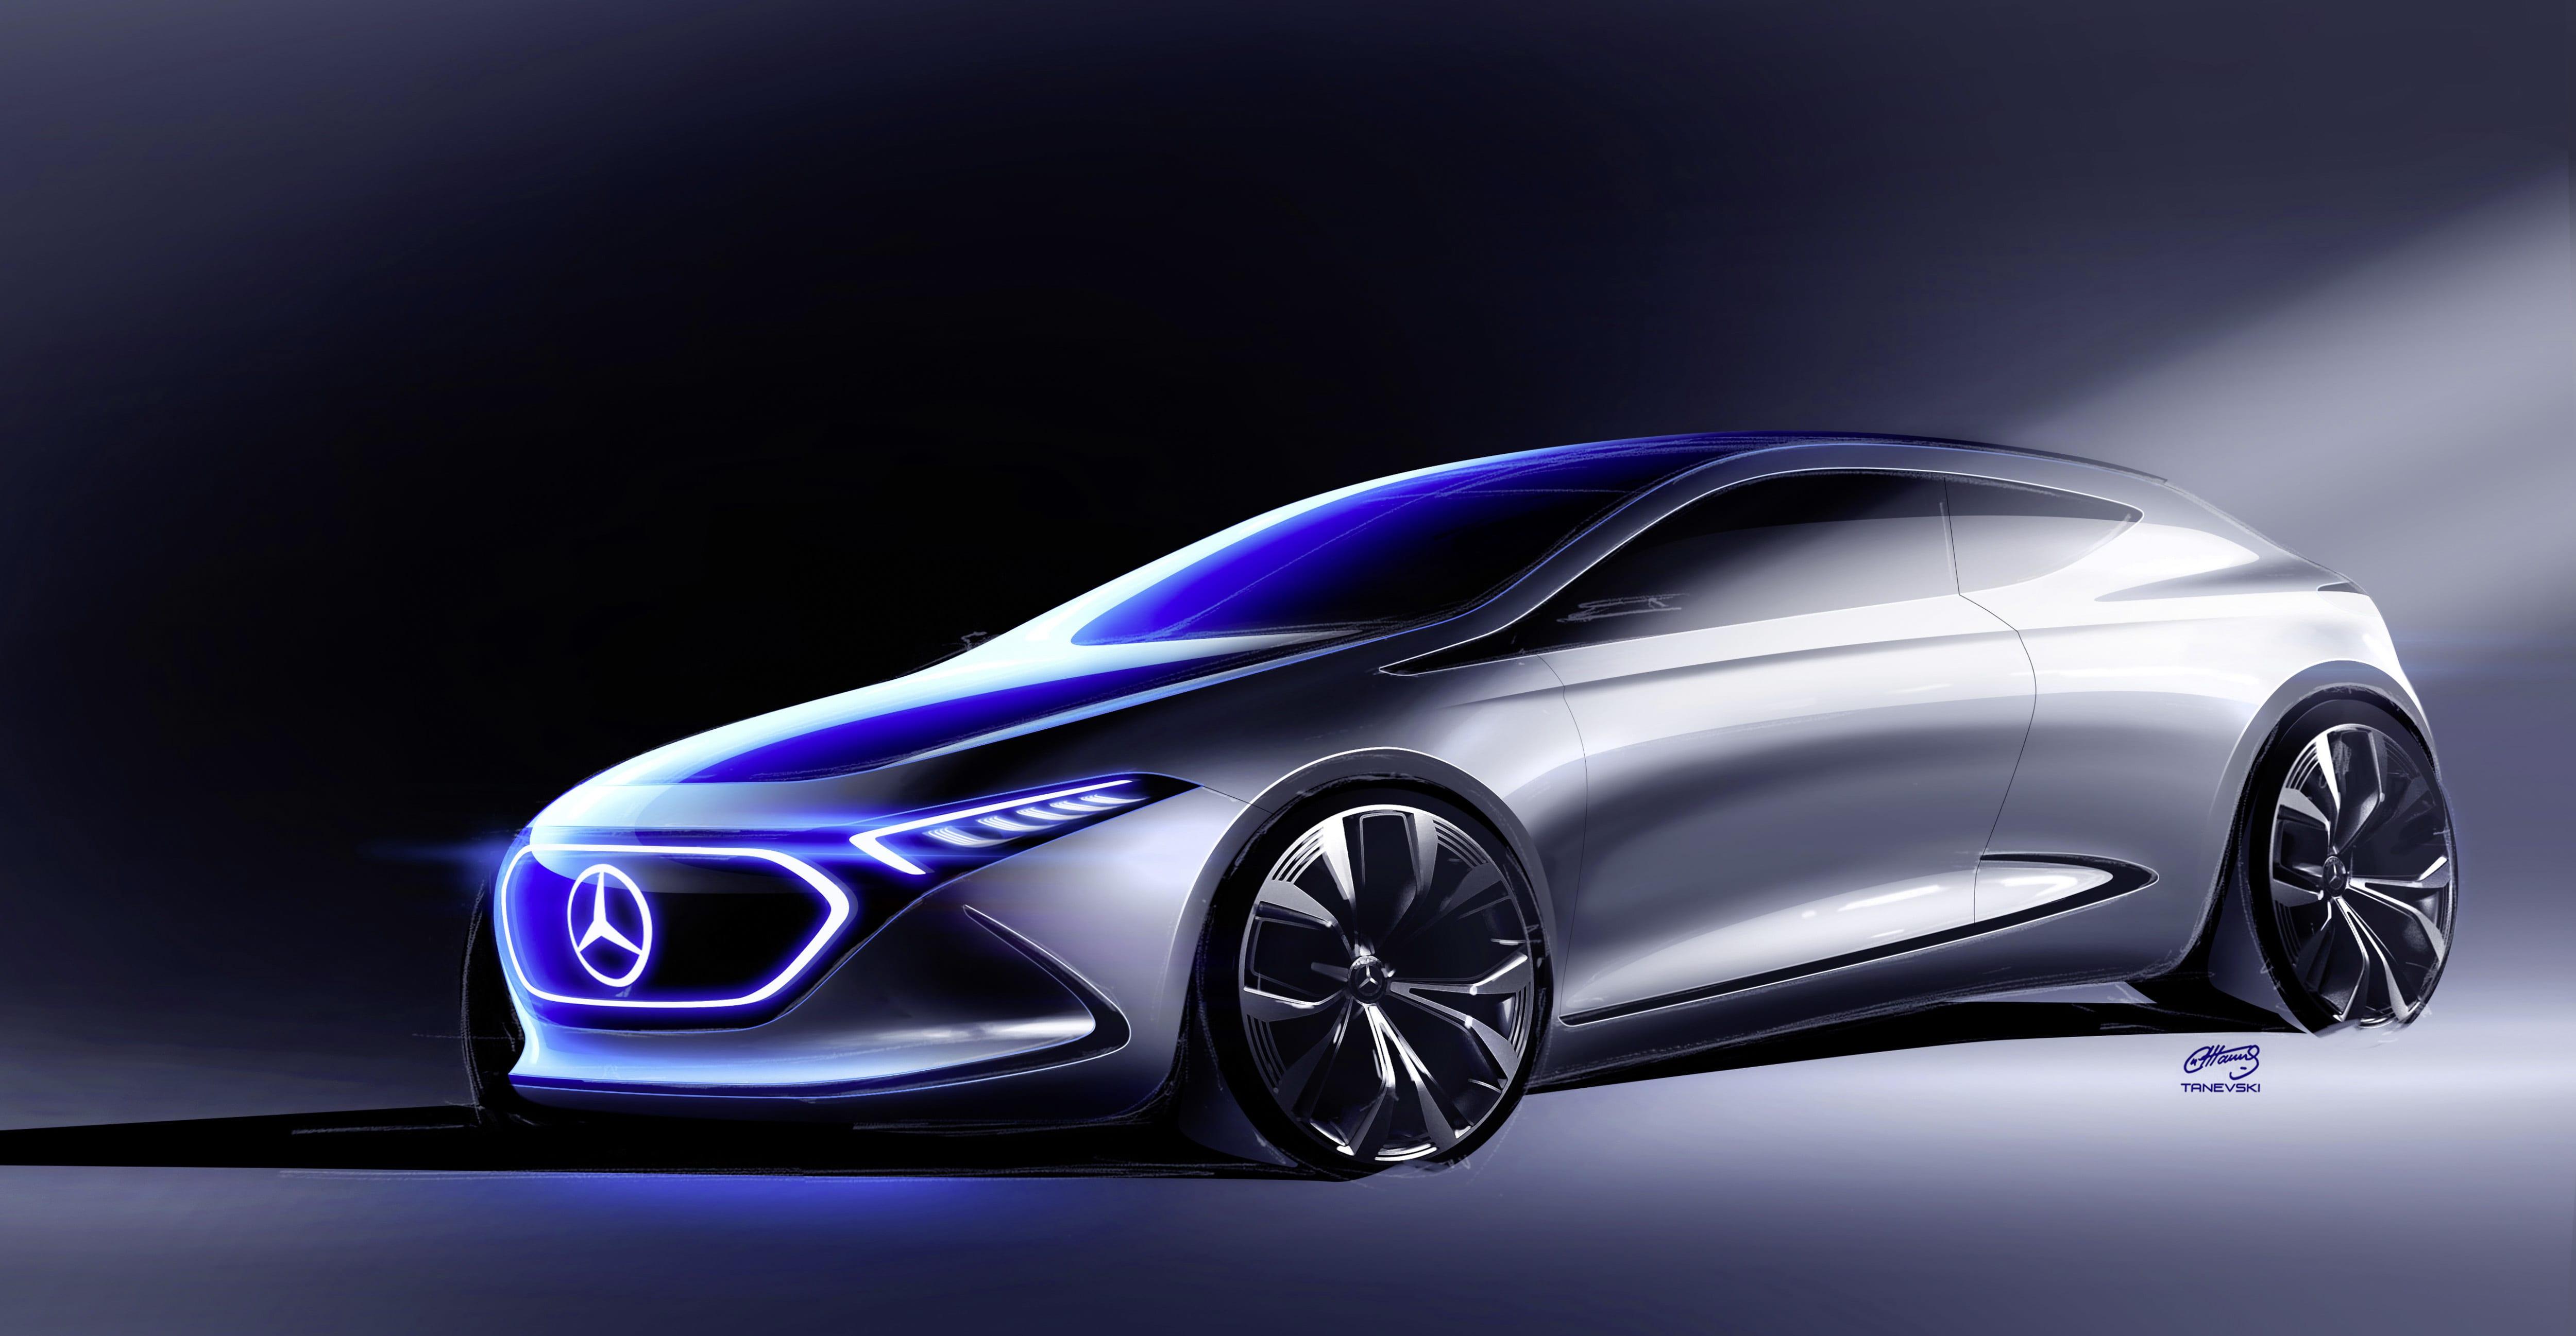 Mercedes benz concept eqa un compacto el ctrico muy sensual for Mercedes benz electric truck